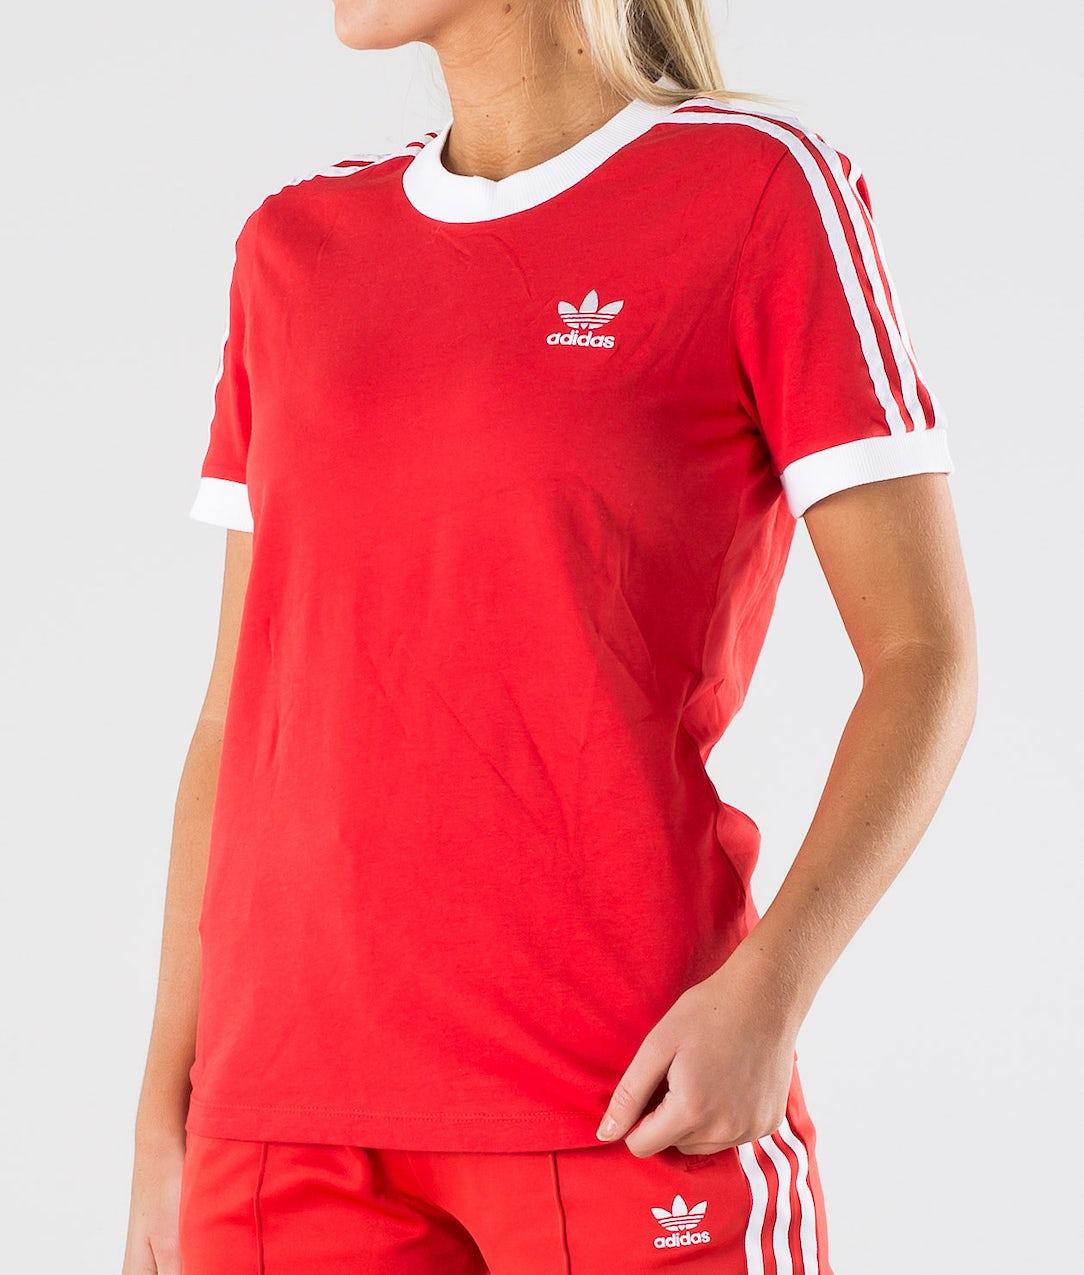 Guia solar erótico  Adidas Originals 3 Stripe Tee T-shirt Lush Red/White - Ridestore.com